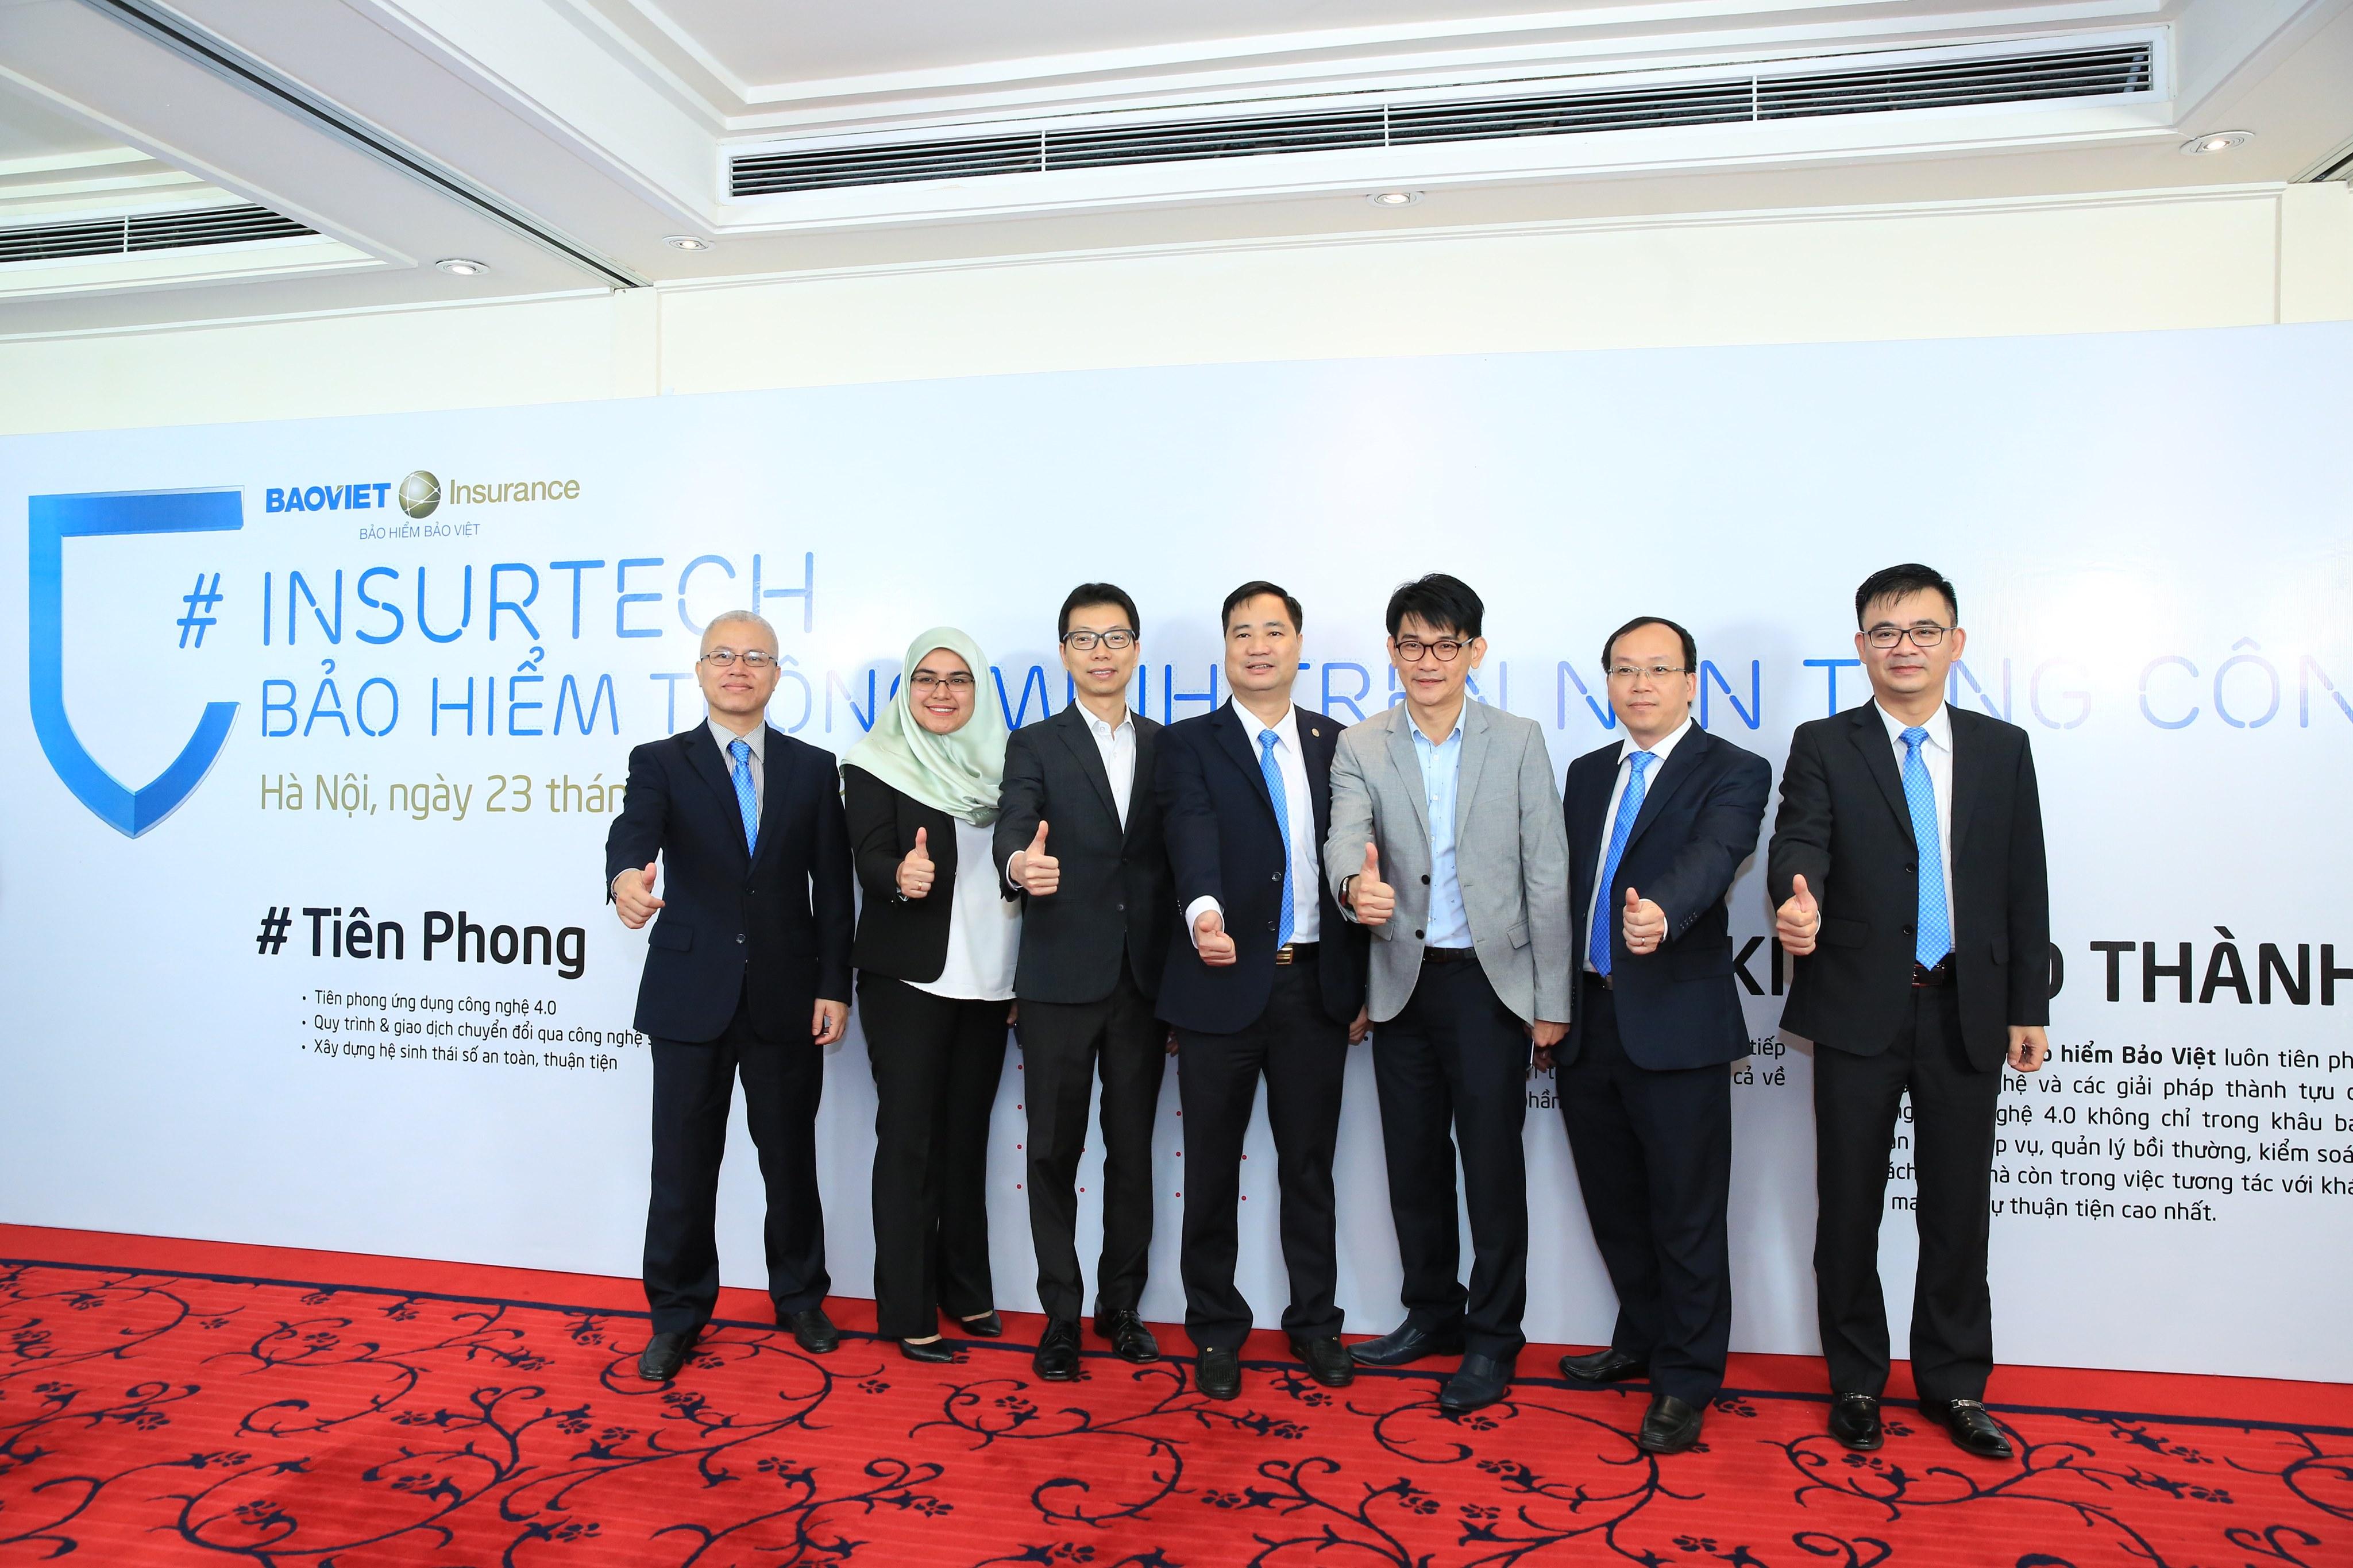 Bảo hiểm Bảo Việt ra mắt bảo hiểm thông minh trên nền tảng công nghệ số - Ảnh 1